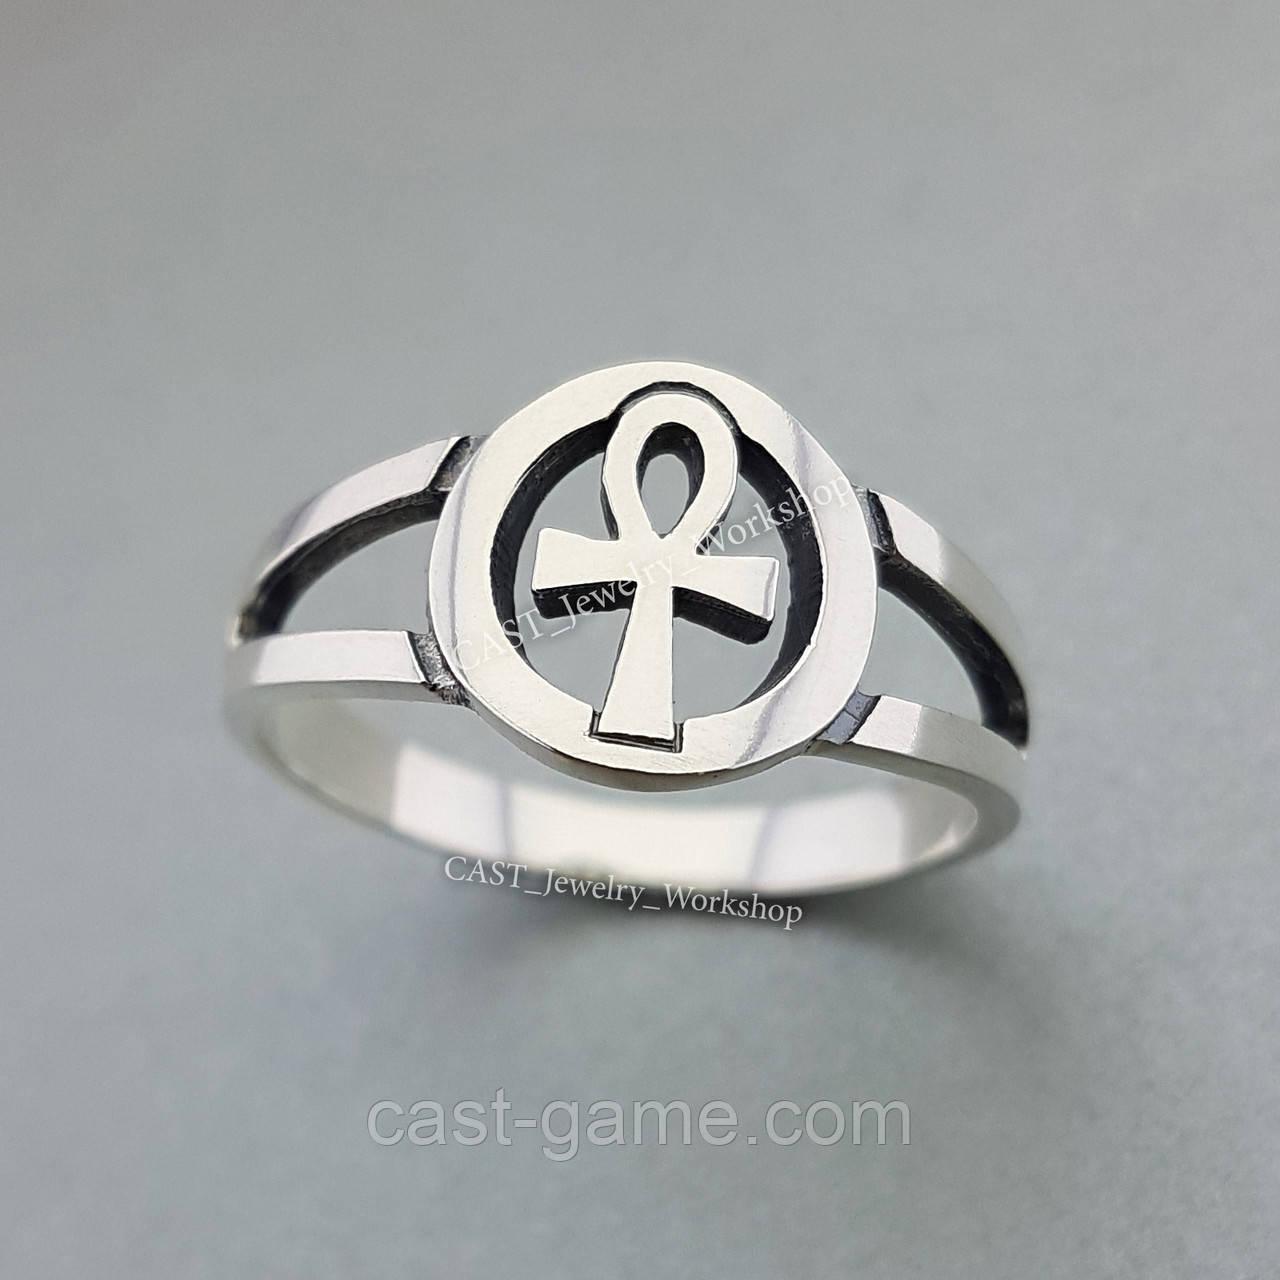 858f40989f9f Анкх кольцо серебро 925 пробы - CAST ювелирная мастерская в Харькове